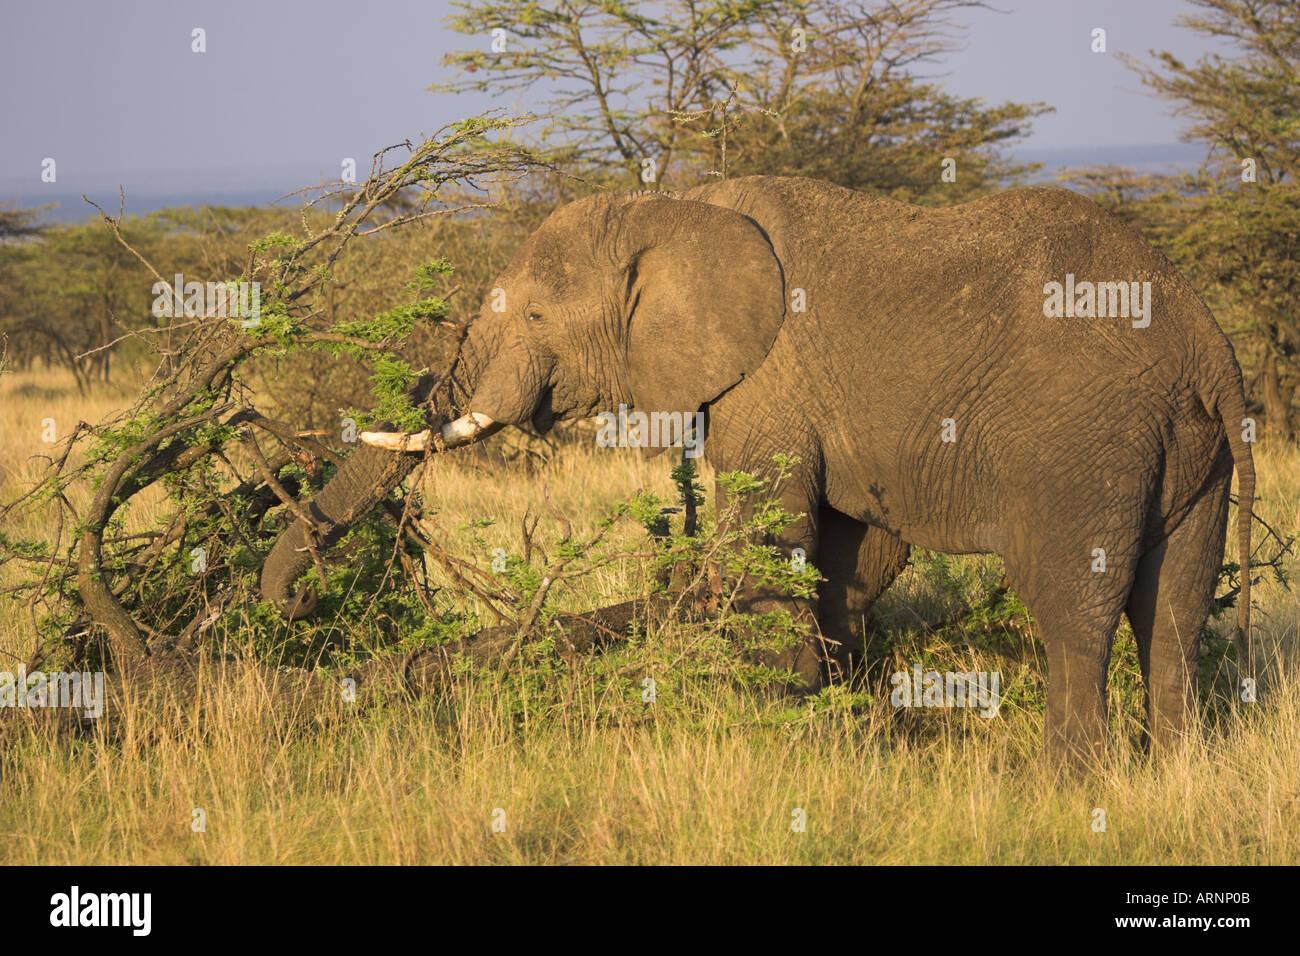 African elephant Loxodonta africana eating - Stock Image